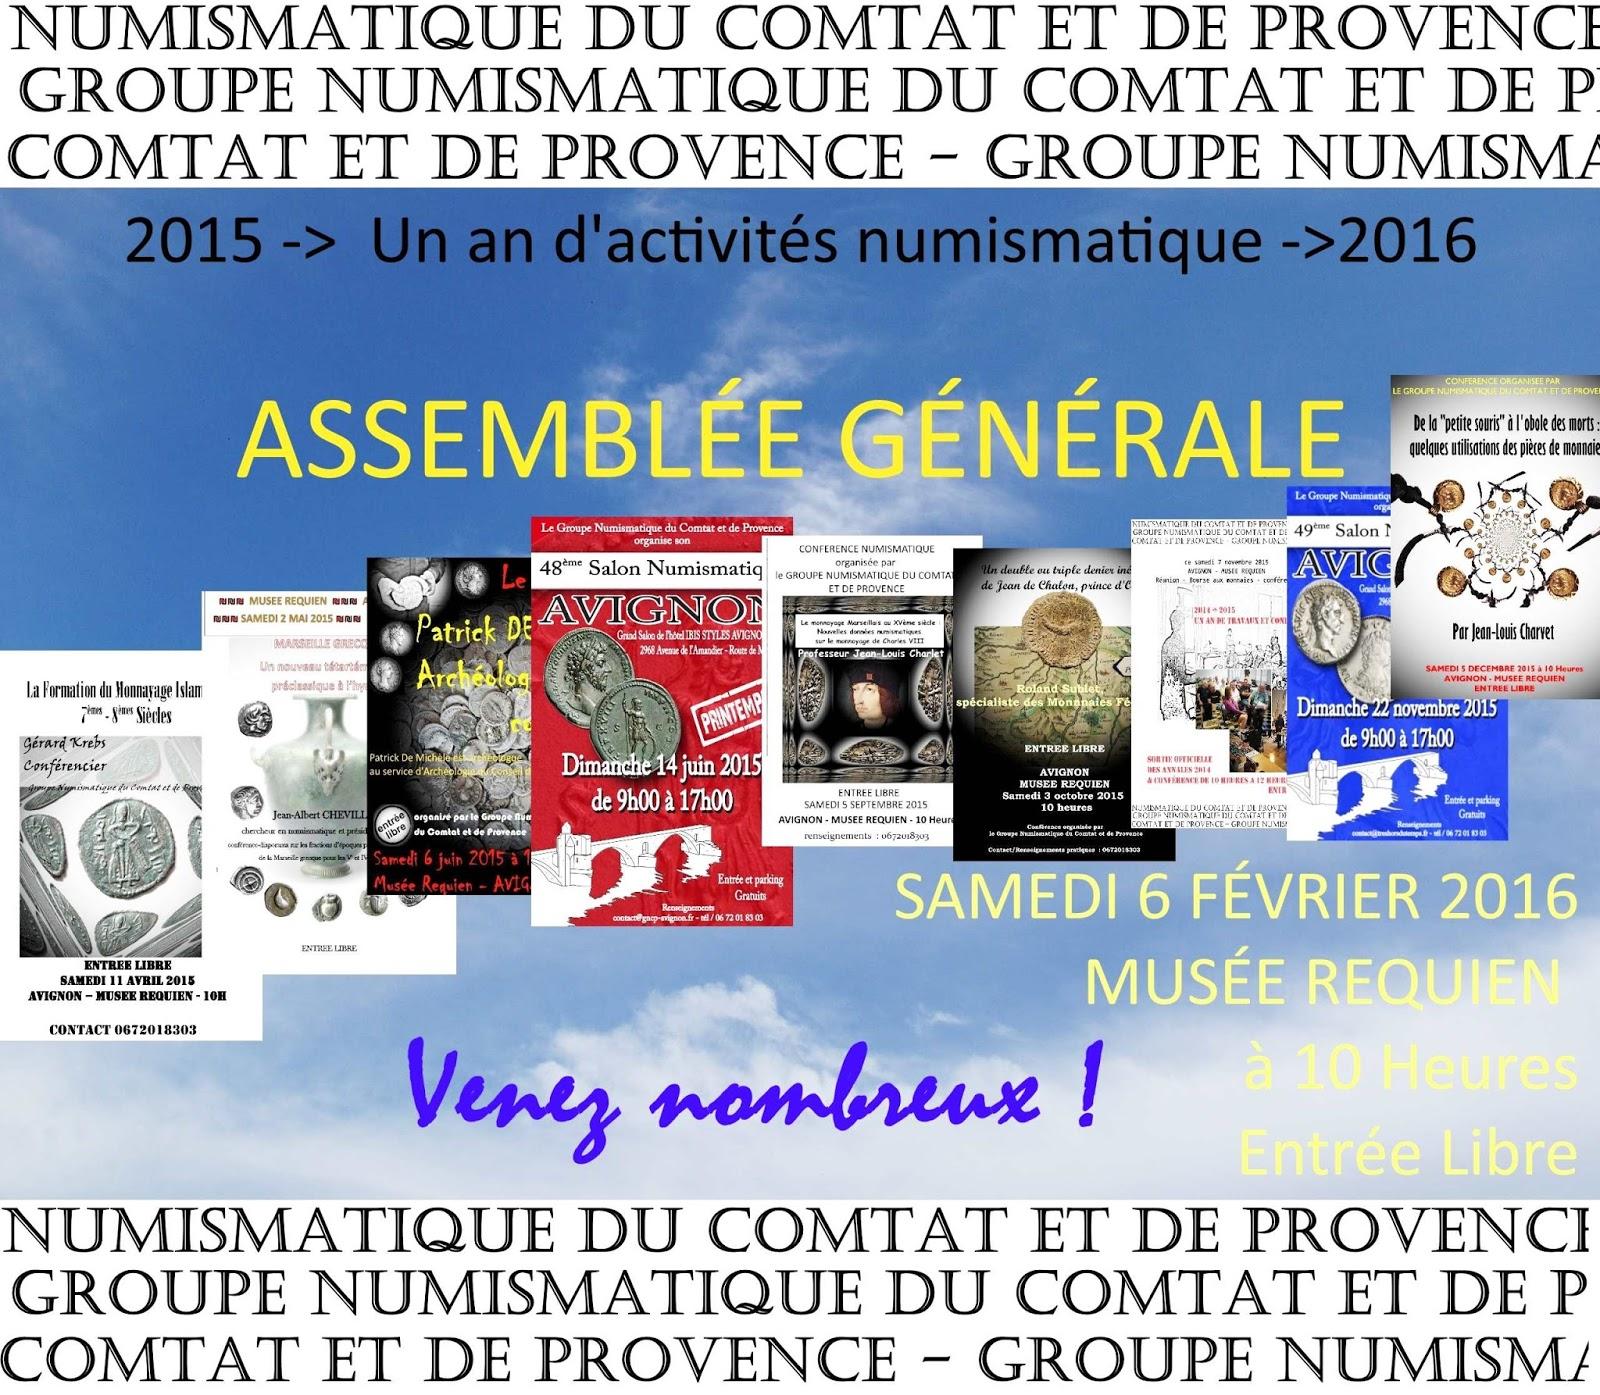 Groupe numismatique du comtat et de provence assembl e g n rale du gncp le 6 f vrier 2016 - Groupe dauphinoise ...